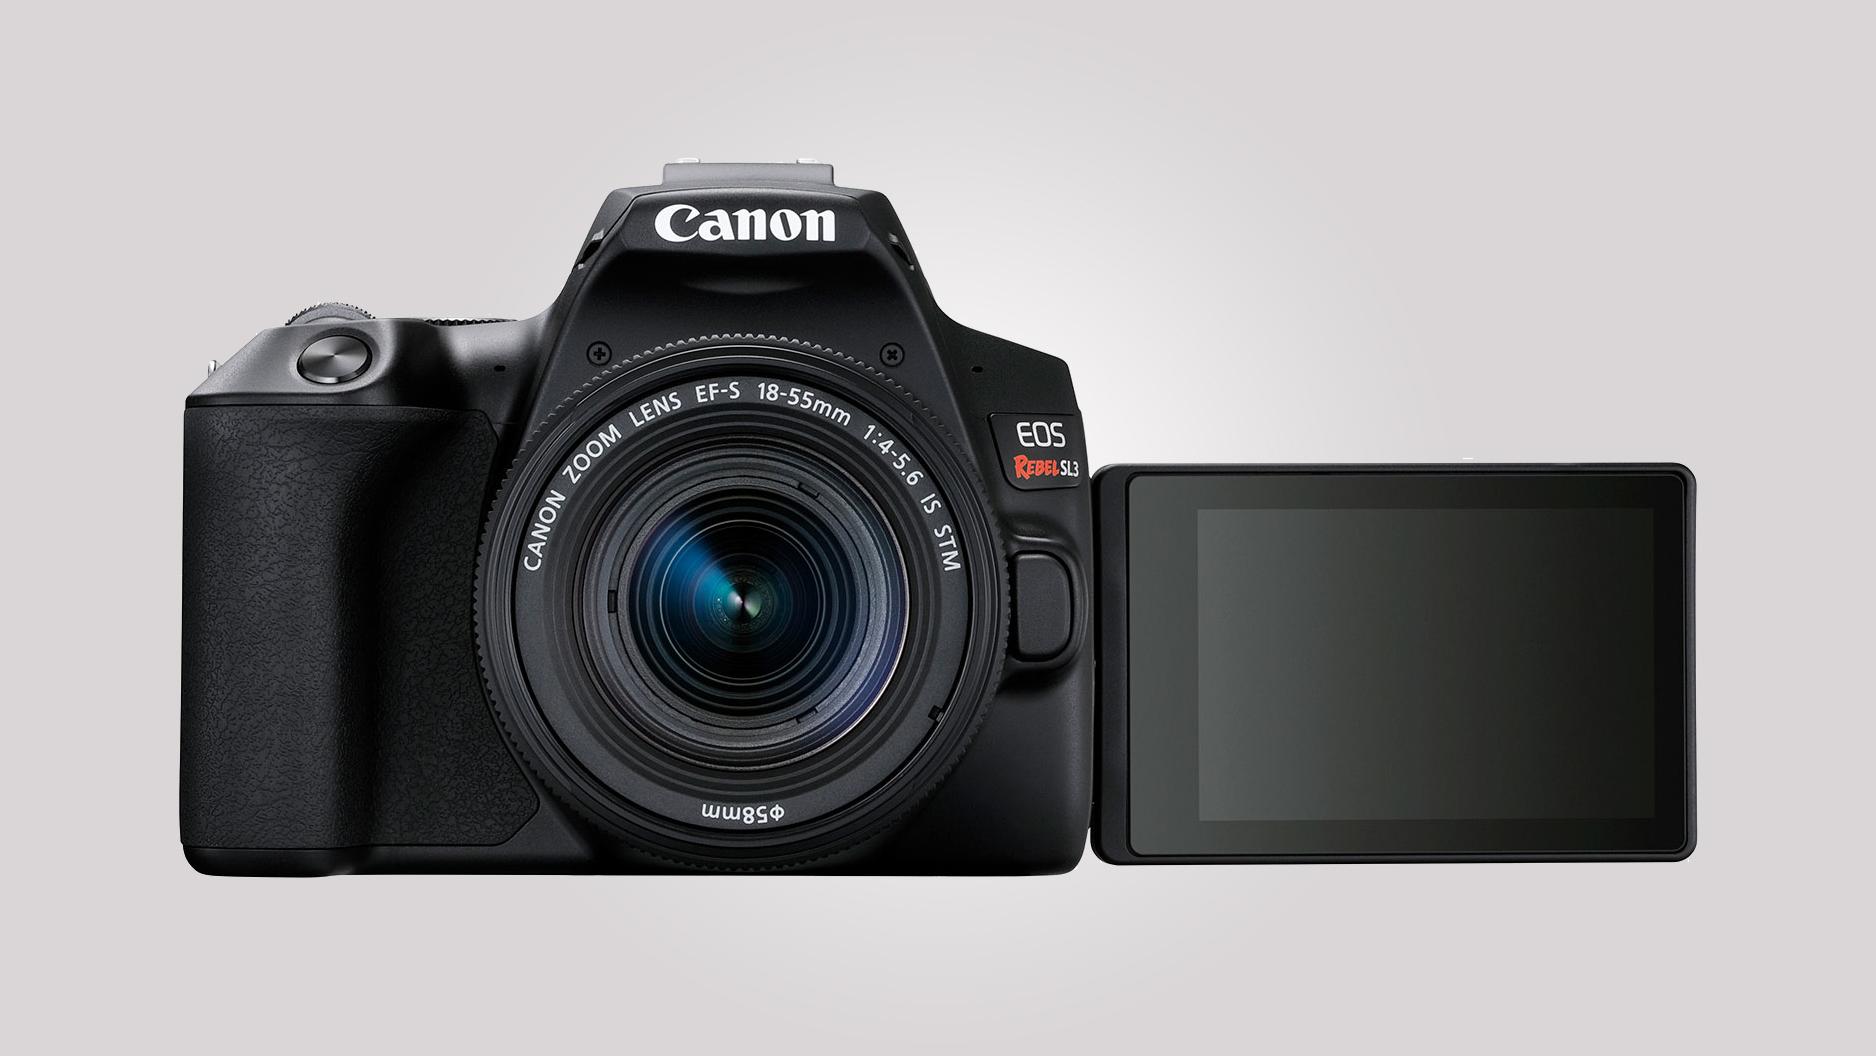 Canon Eos Rebel Sl3 Eos 250d Now Official Techradar